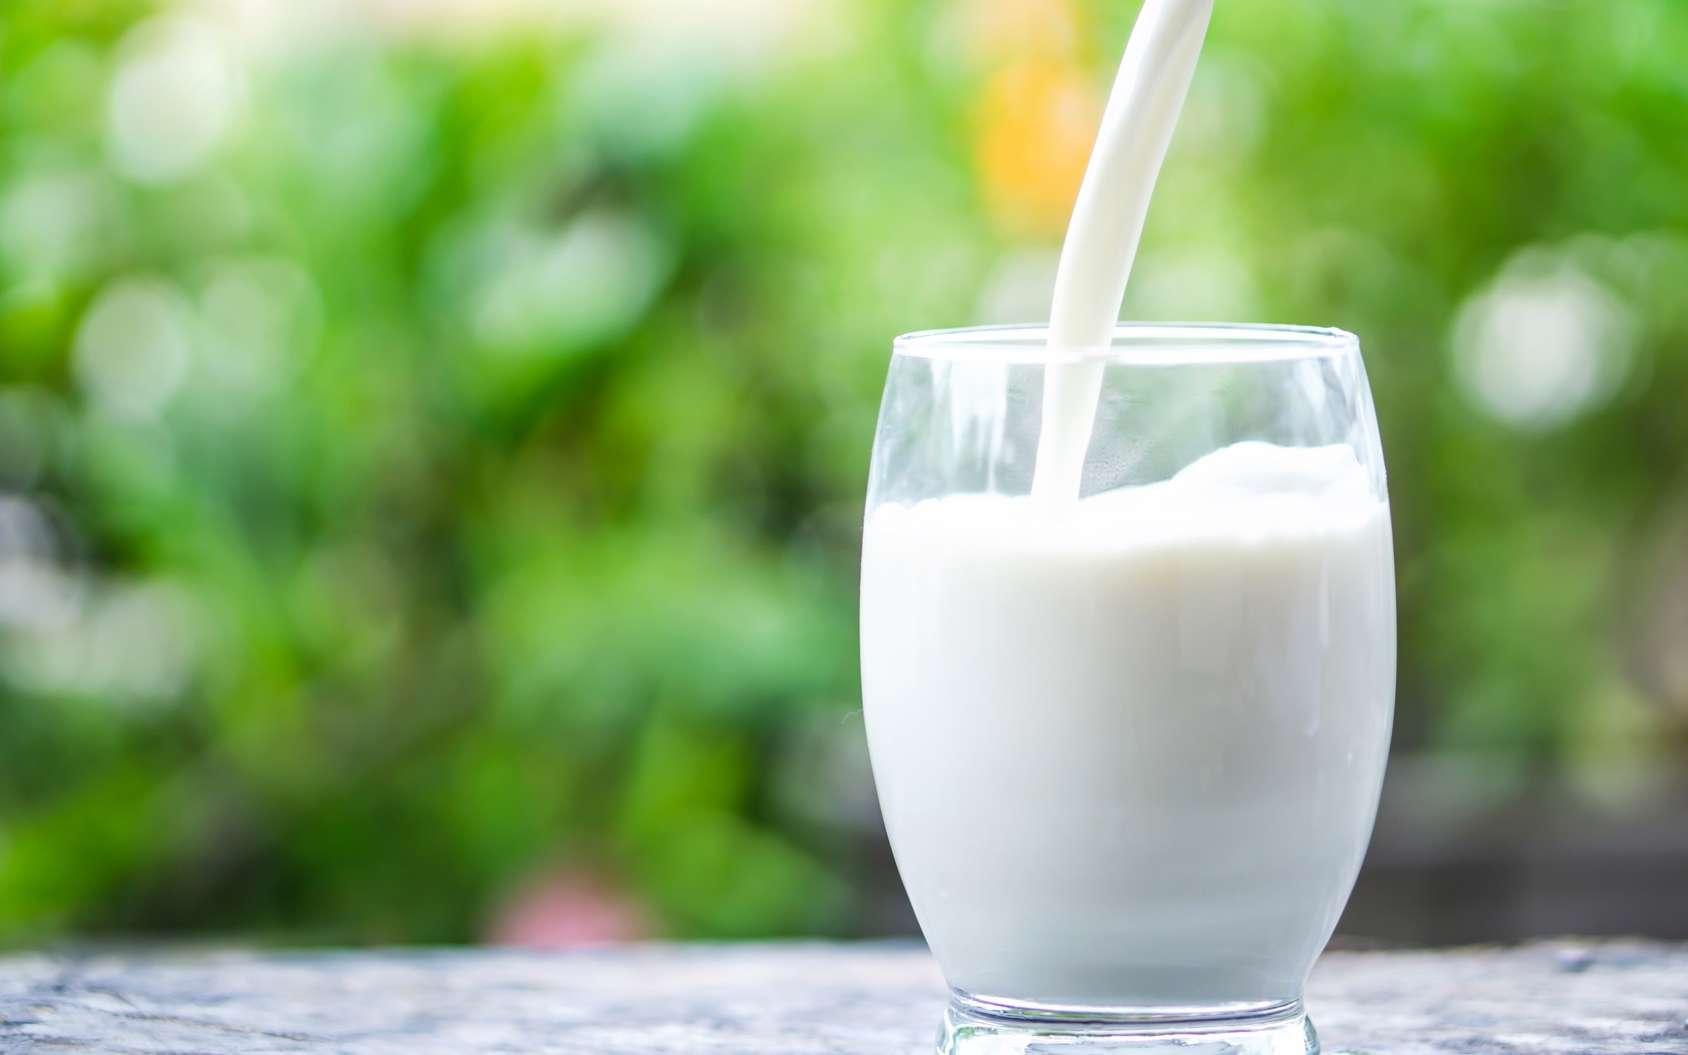 Les chercheurs se sont intéressés à l'effet des graisses du lait sur l'inflammation. © doucefleur, Fotolia